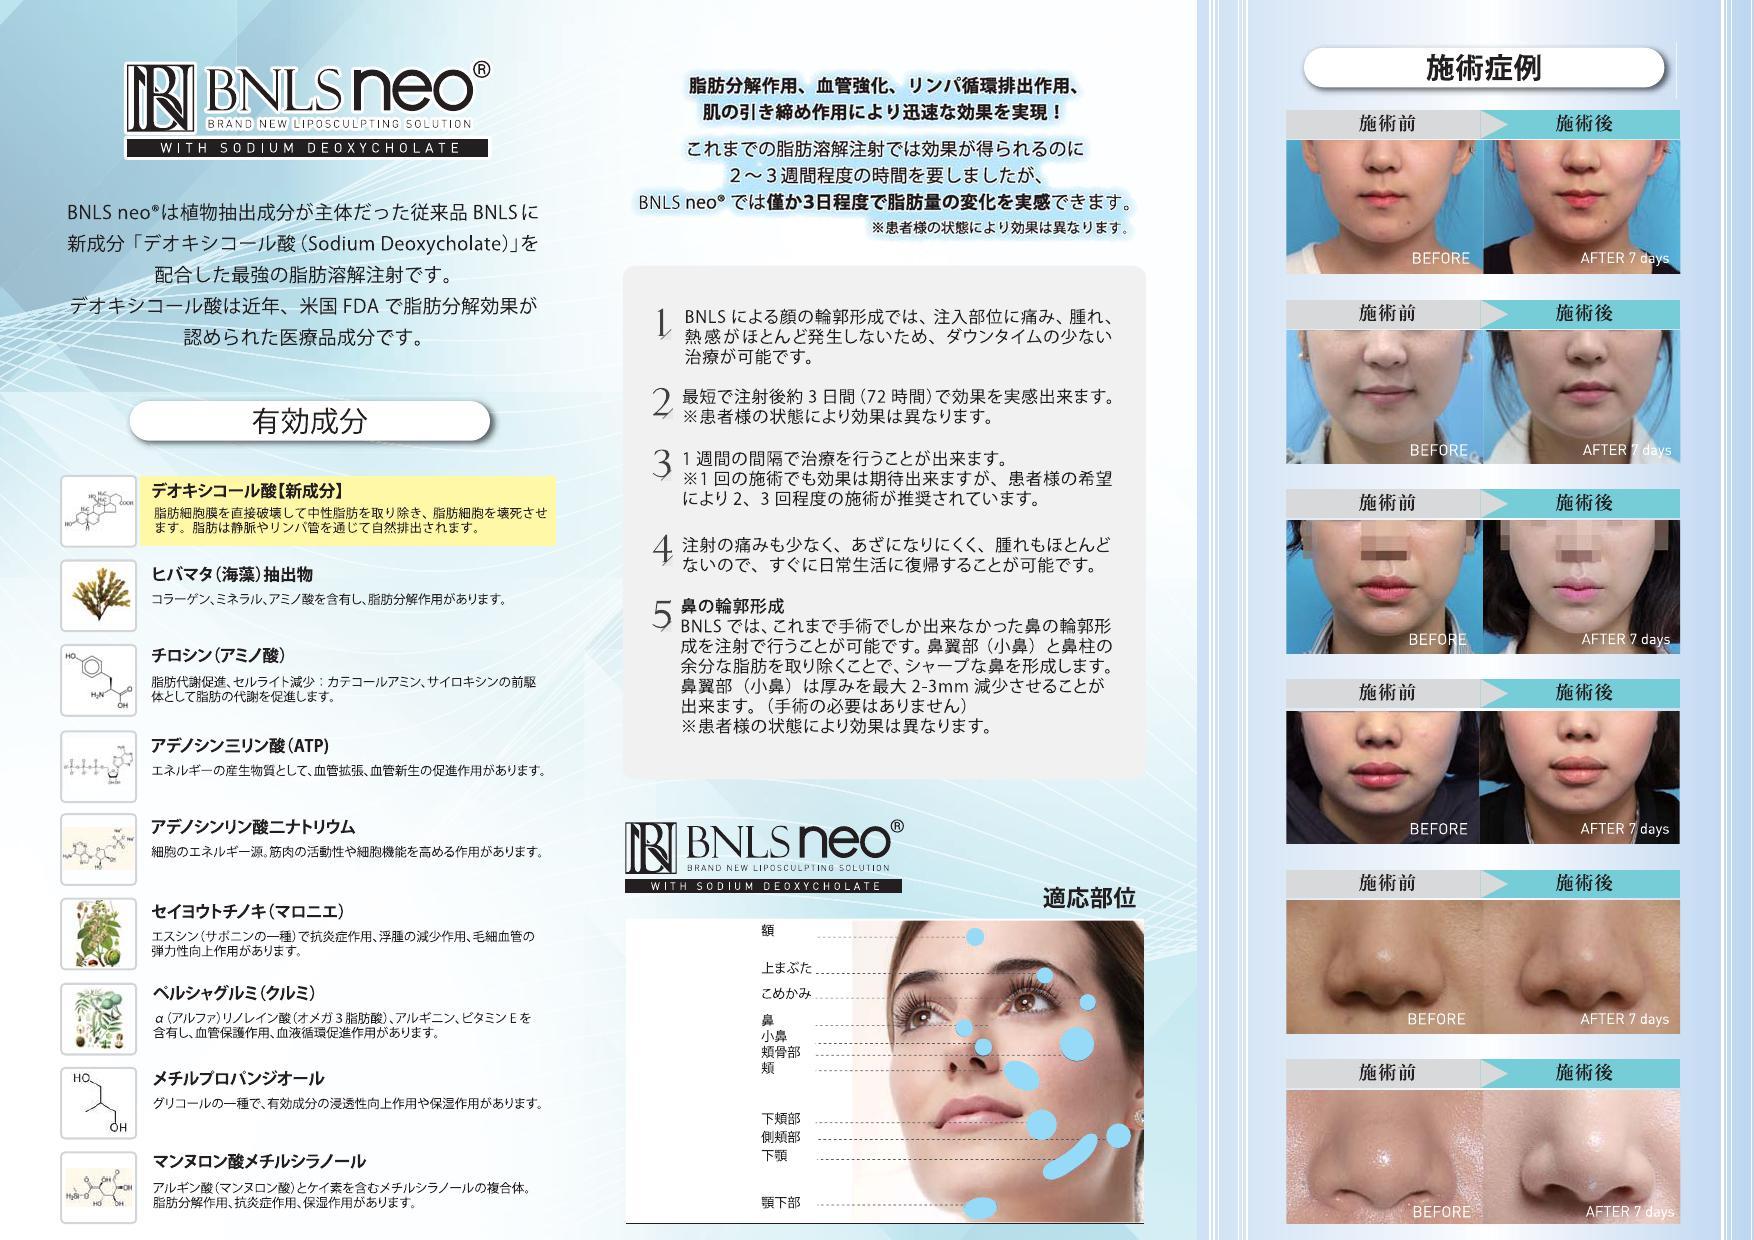 BNLS Neo_000002